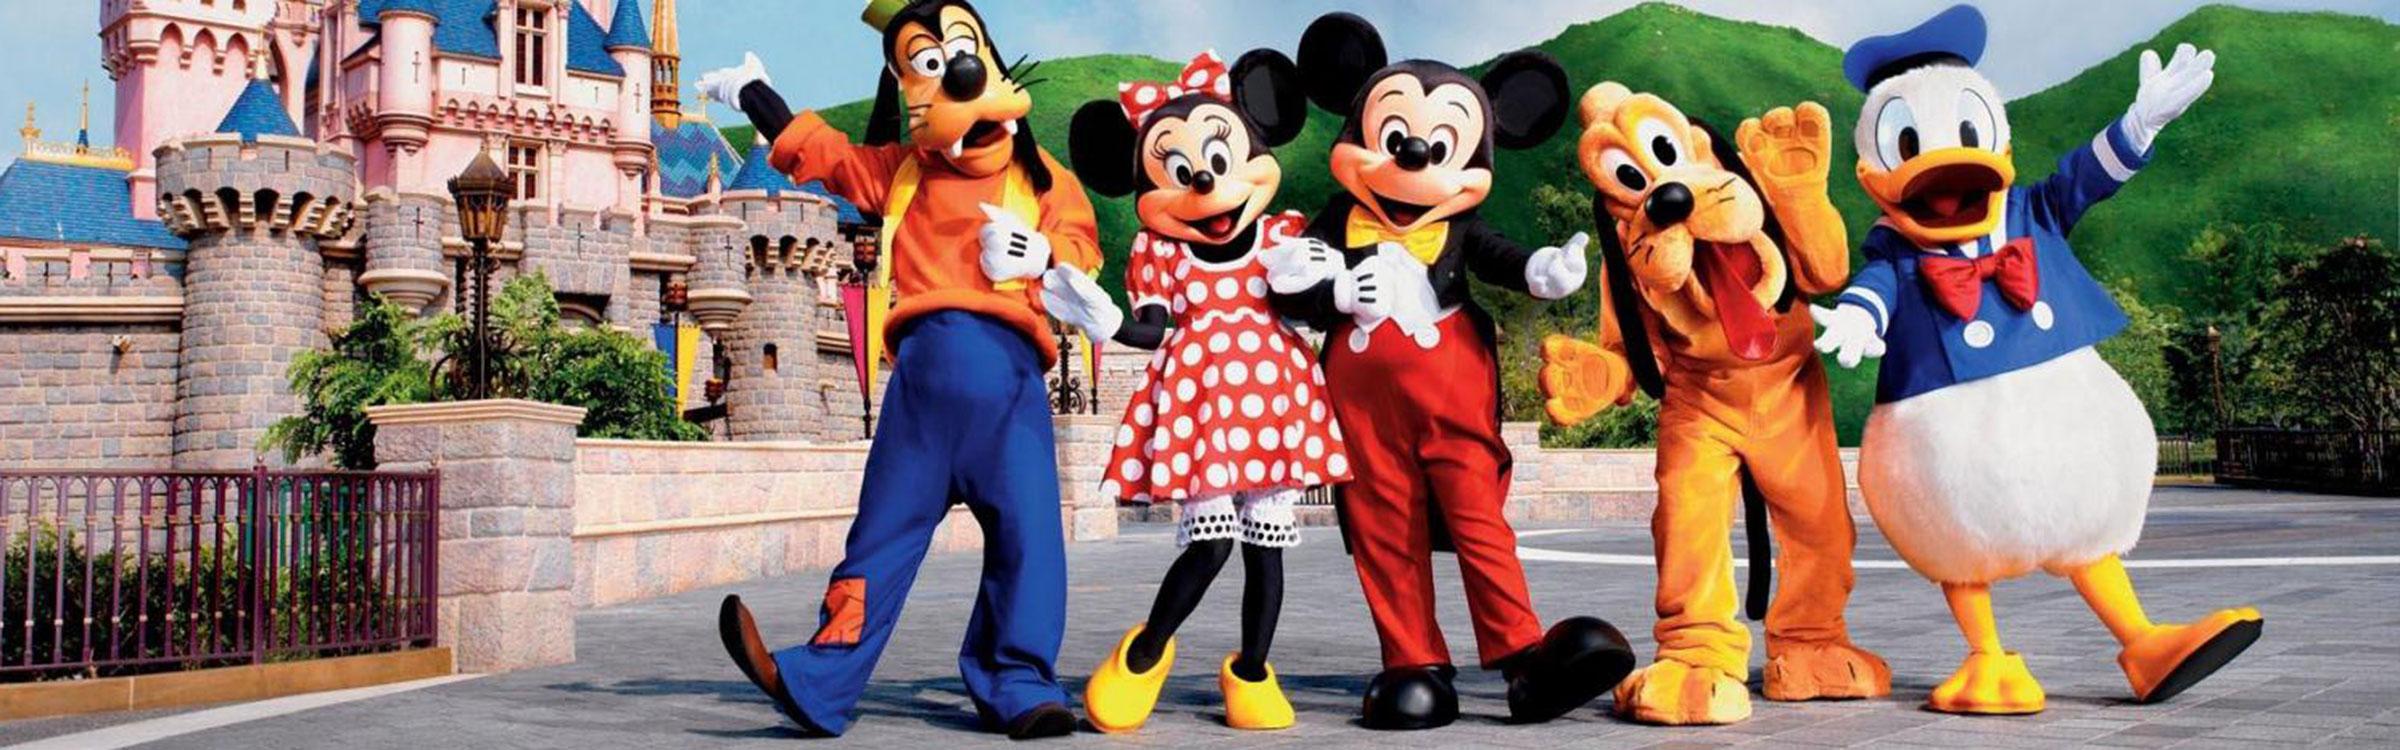 Disneyland algemeen